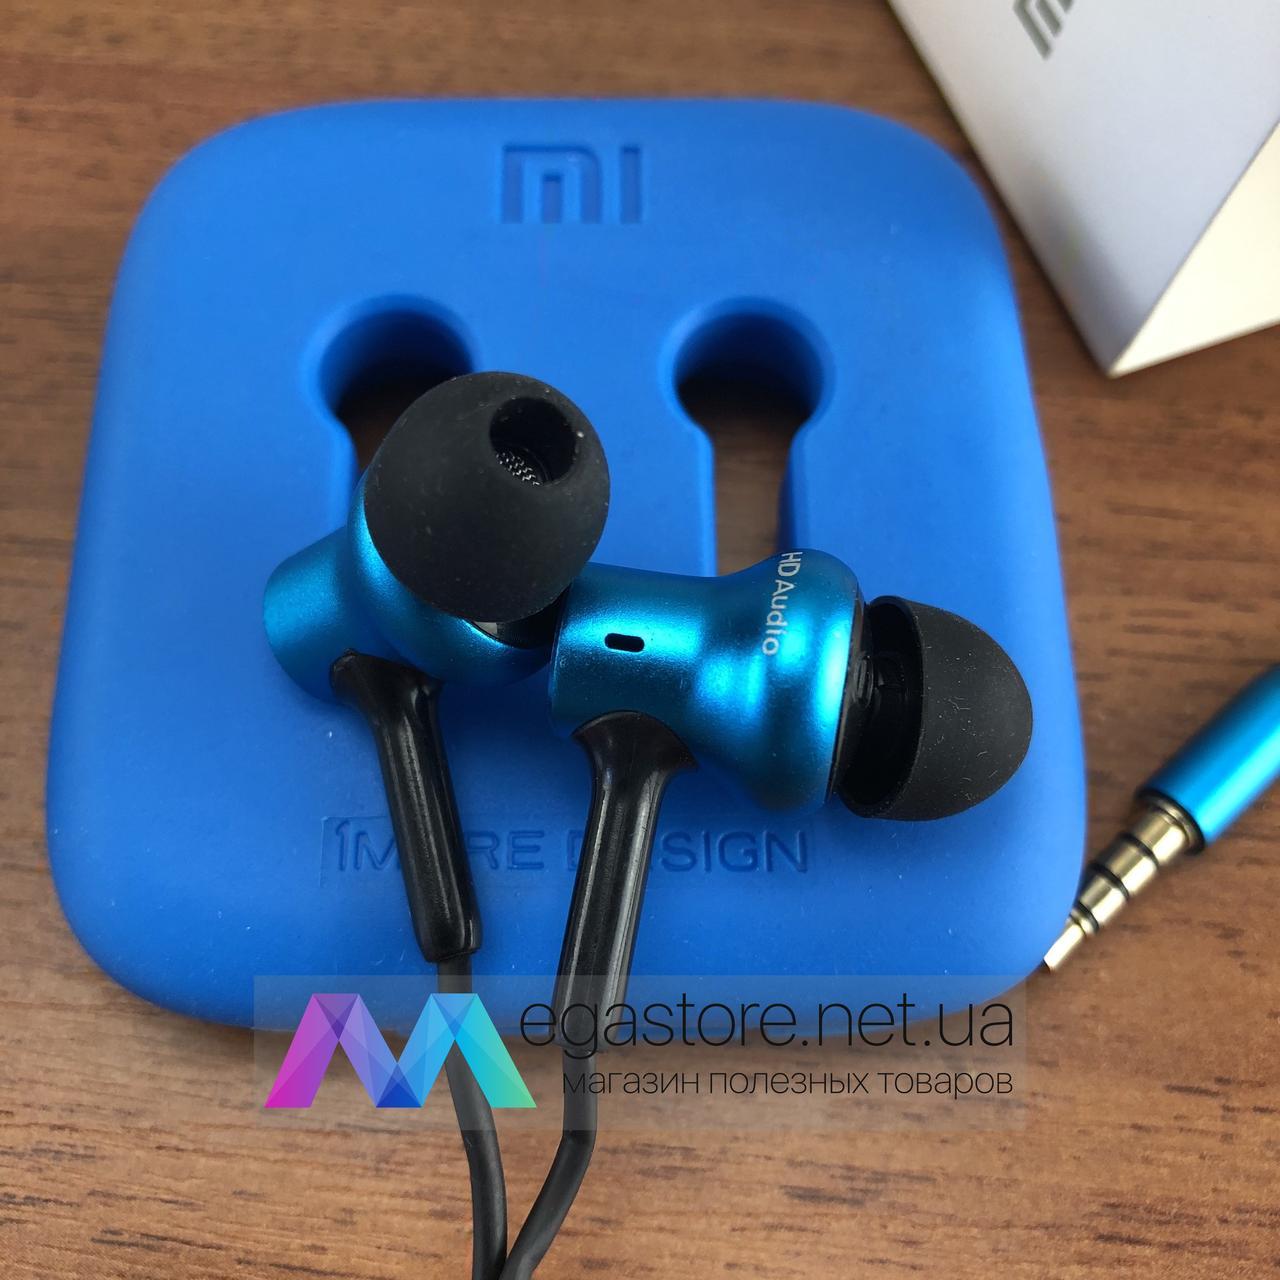 Вакуумные наушники Xiaomi mi in-ear headphones синие blue проводная гарнитура